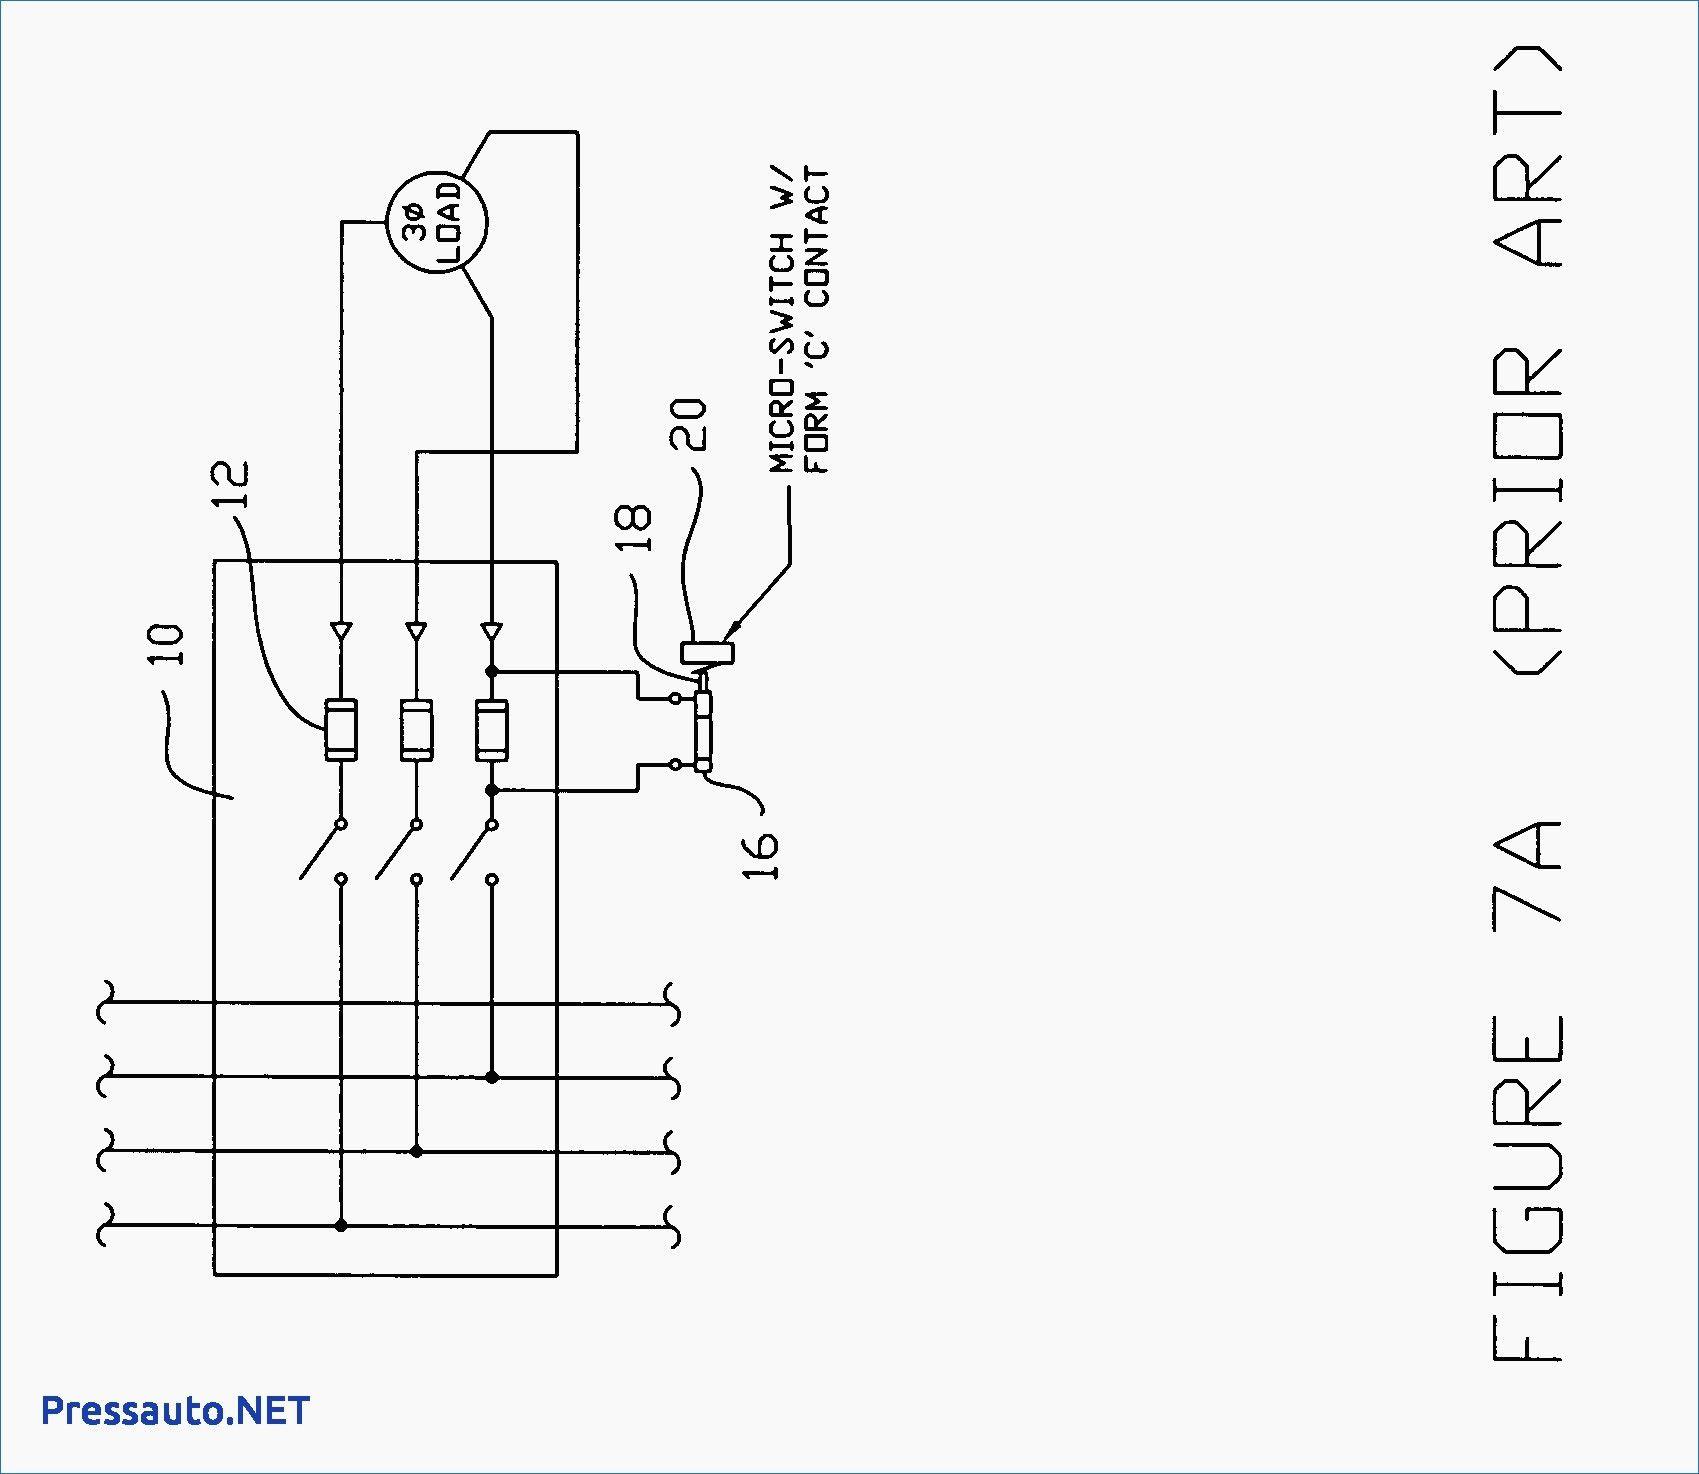 19 Stunning Circuit Breaker Wiring Diagram Diagram Diagram